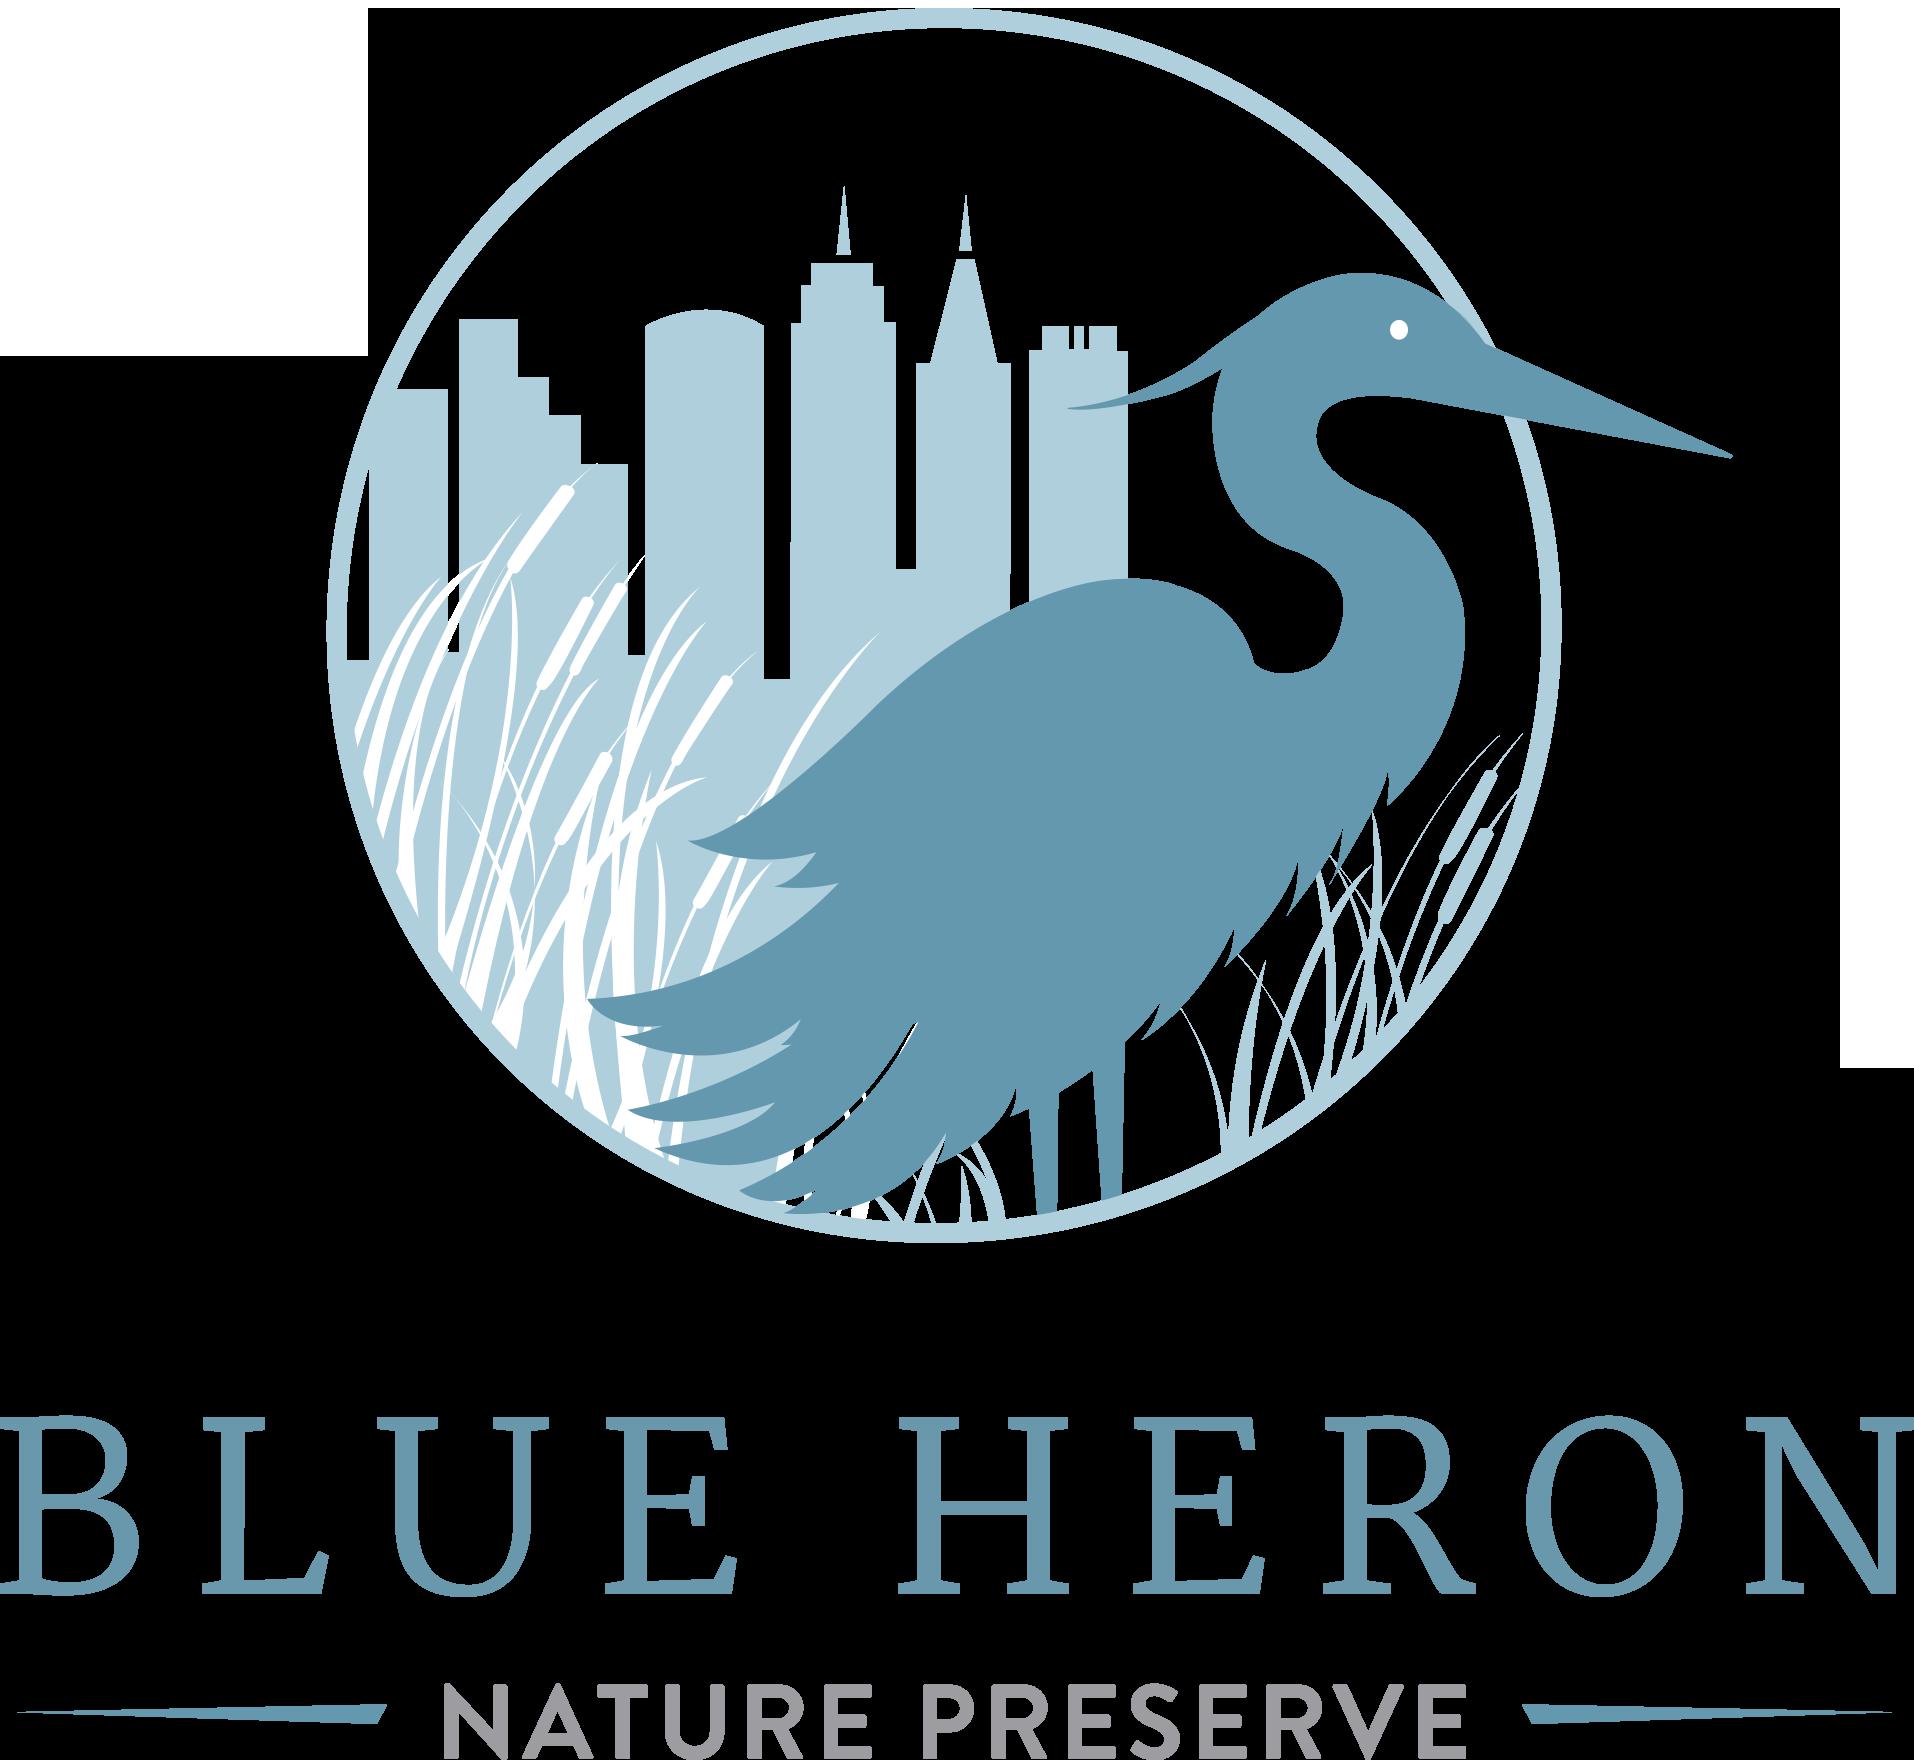 BlueHeronlogo.png